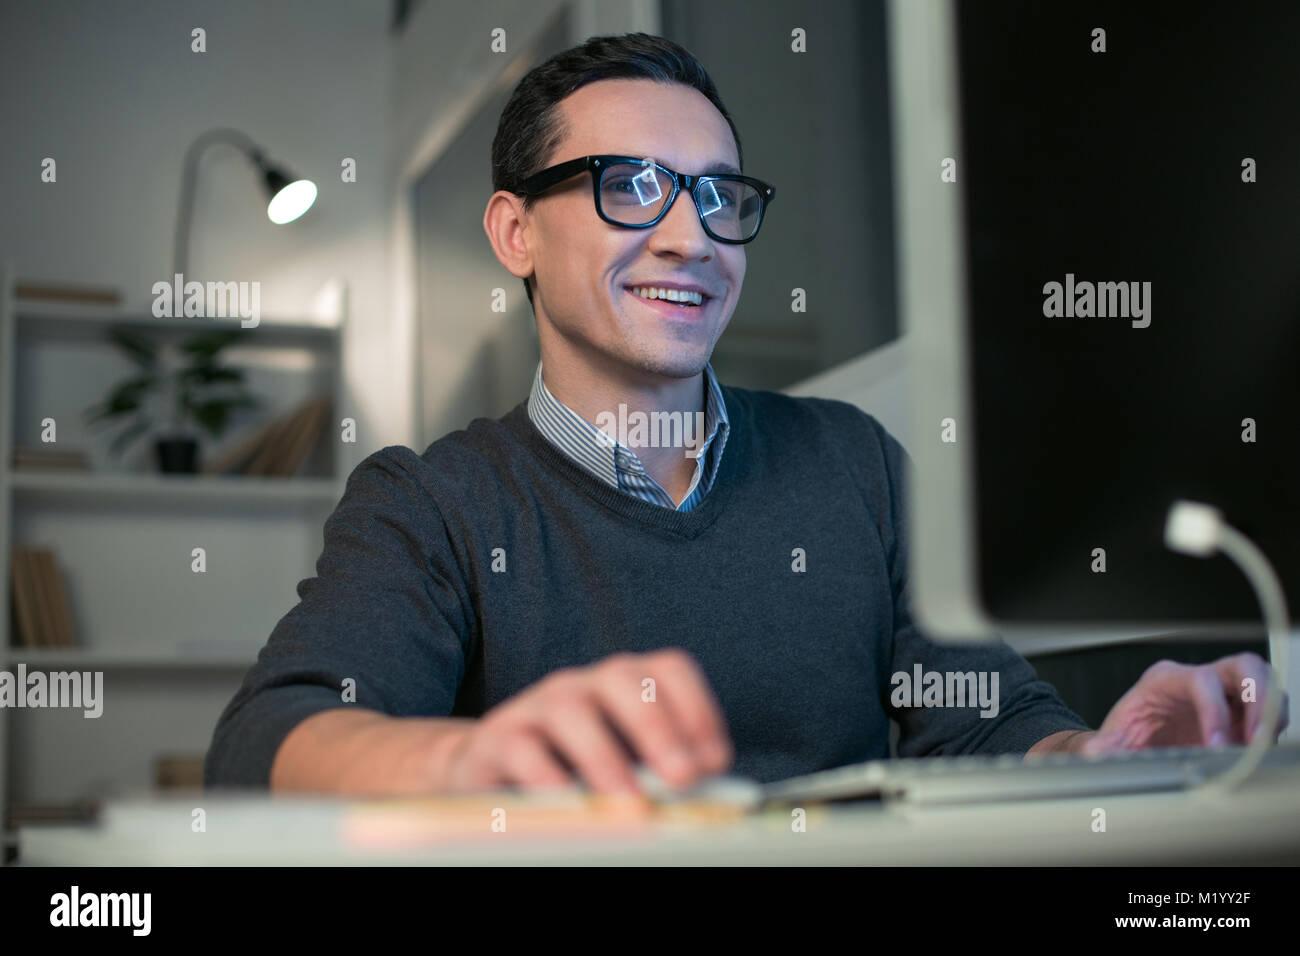 Programador macho atractivo la creación de software. Imagen De Stock